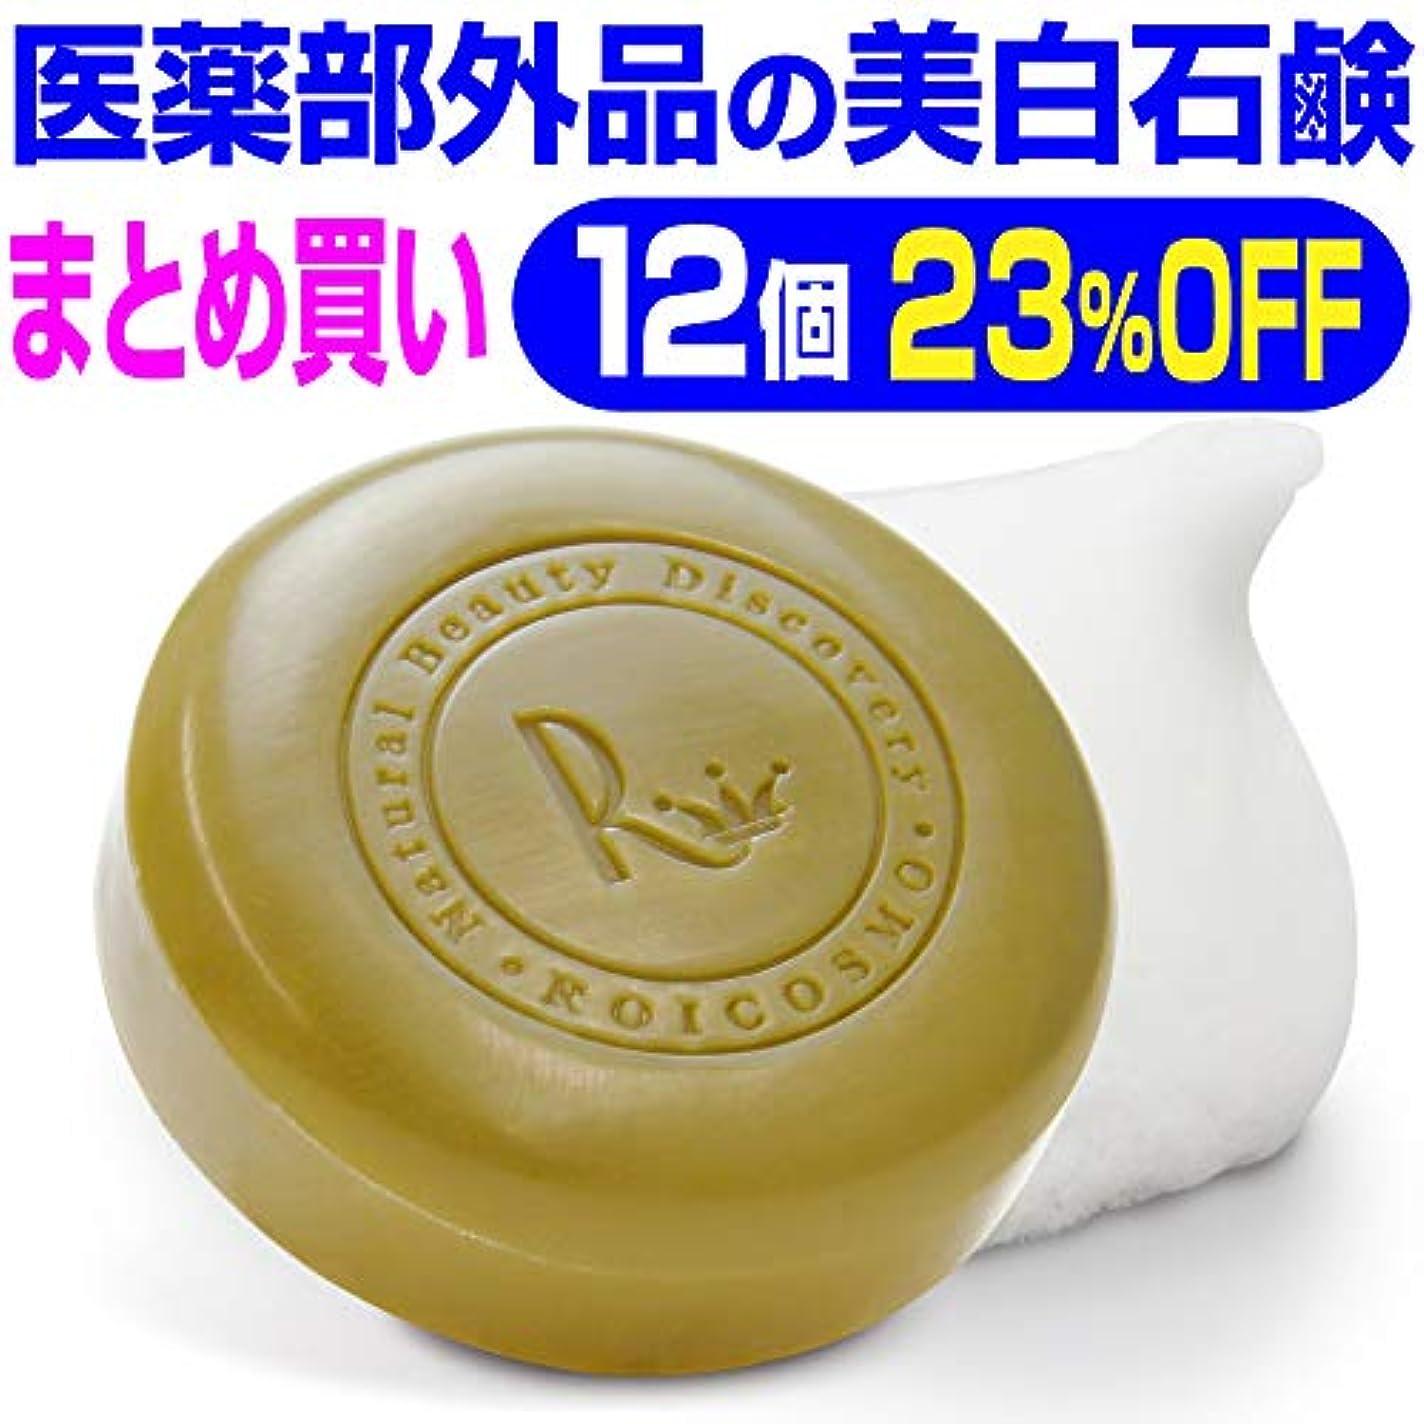 ディレクトリ落ち込んでいるライナー12個まとめ買い23%OFF 美白石鹸/ビタミンC270倍の美白成分配合の 洗顔石鹸『ホワイトソープ100g×12個』